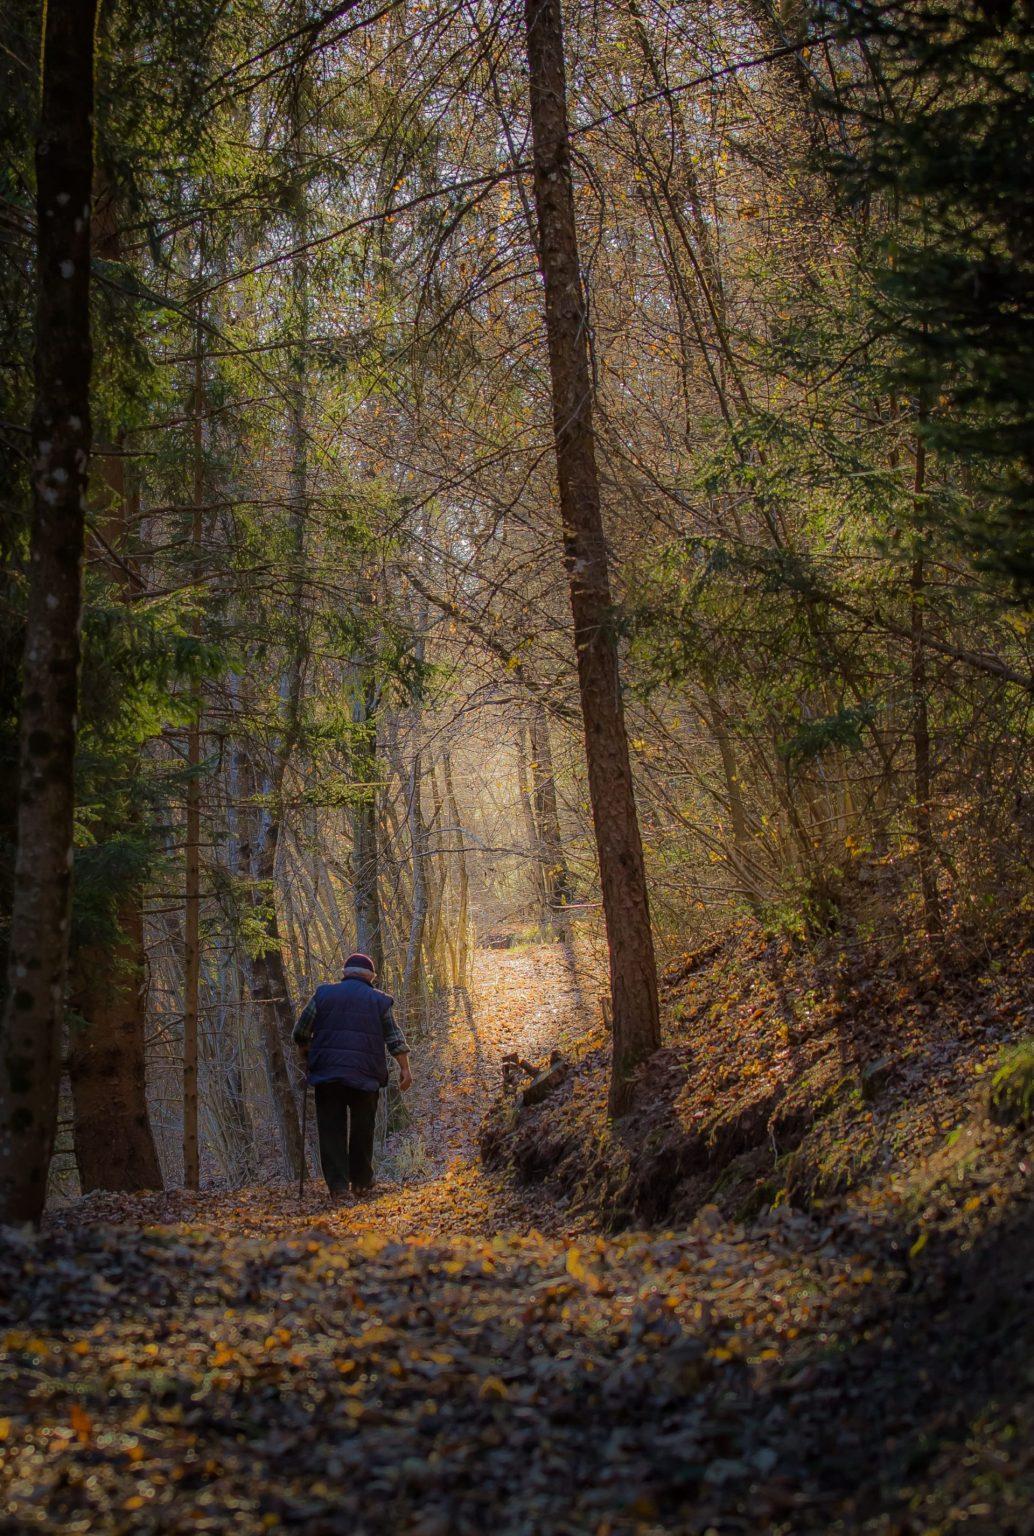 Nel bosco d'autunno